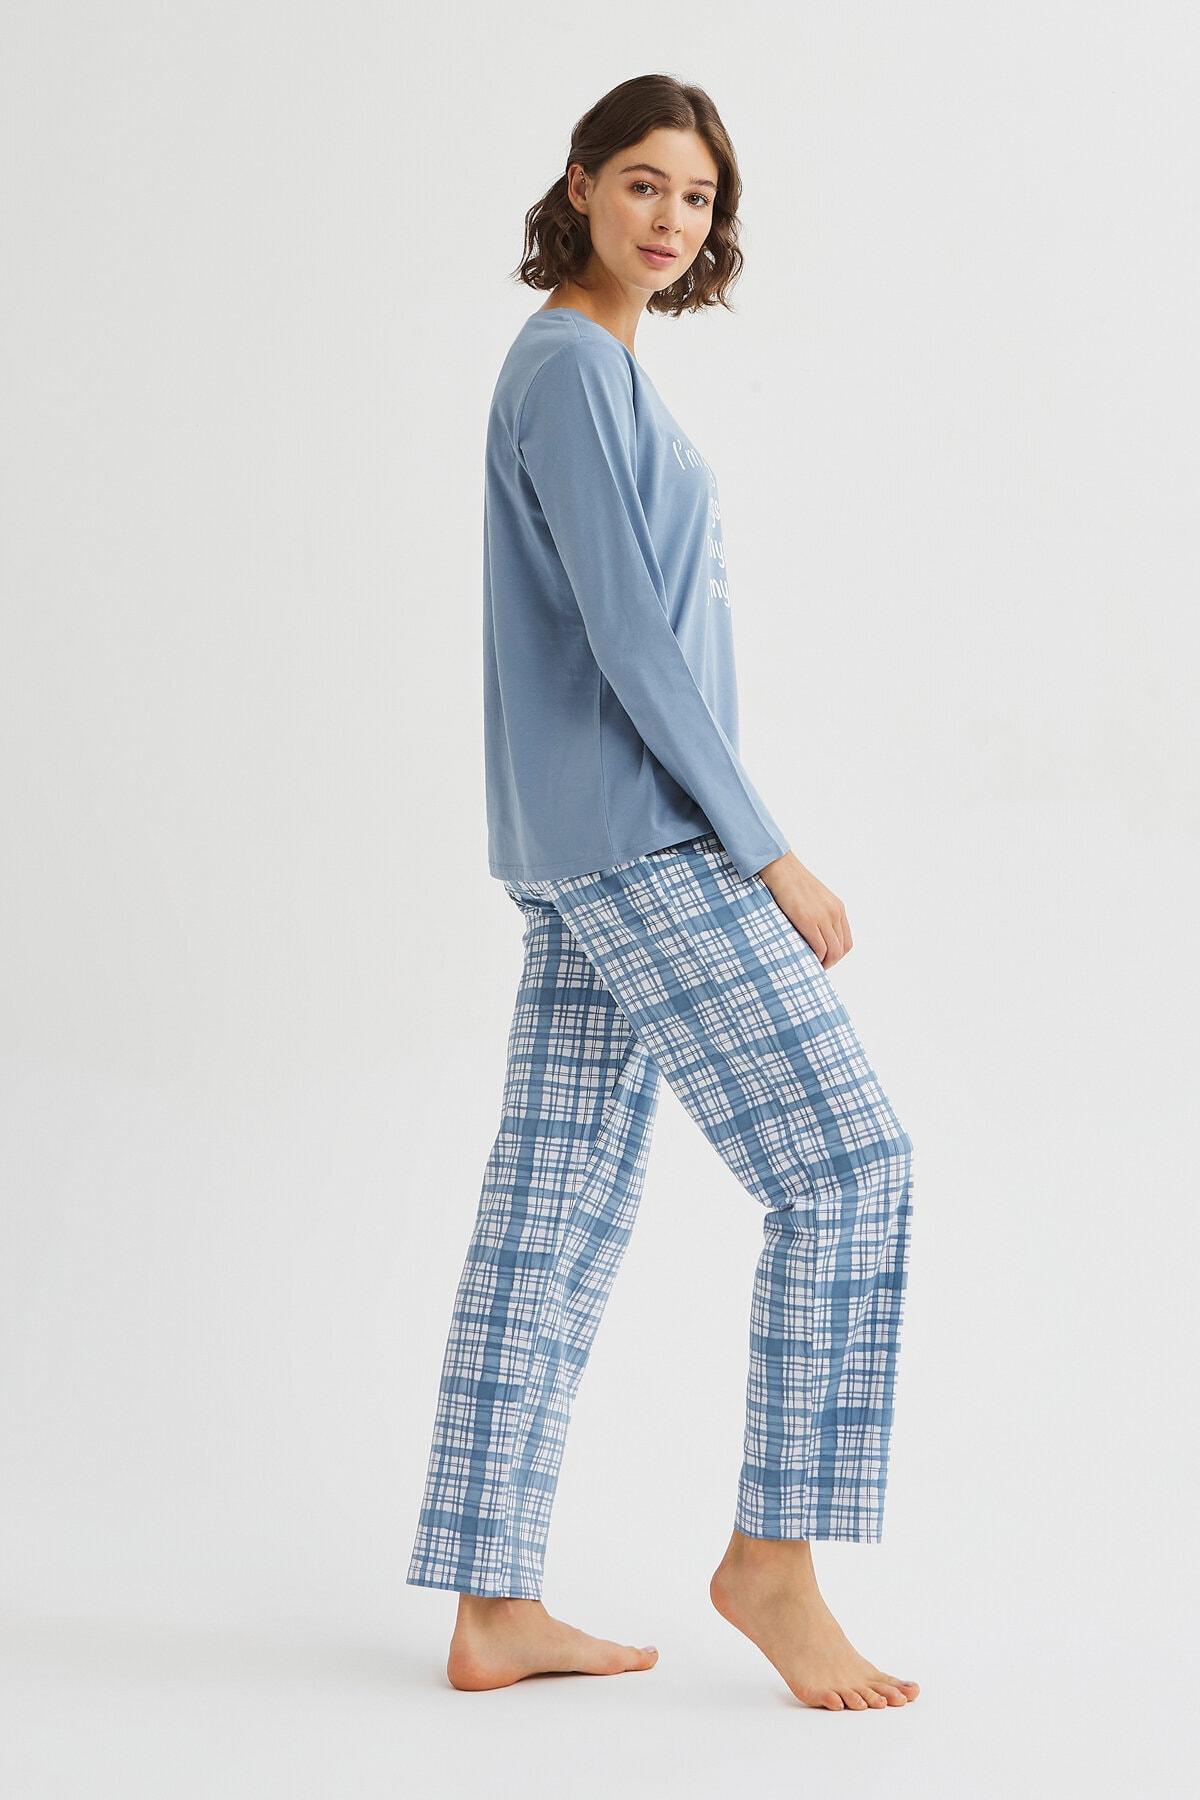 Penti Myself Pijama Takımı 3